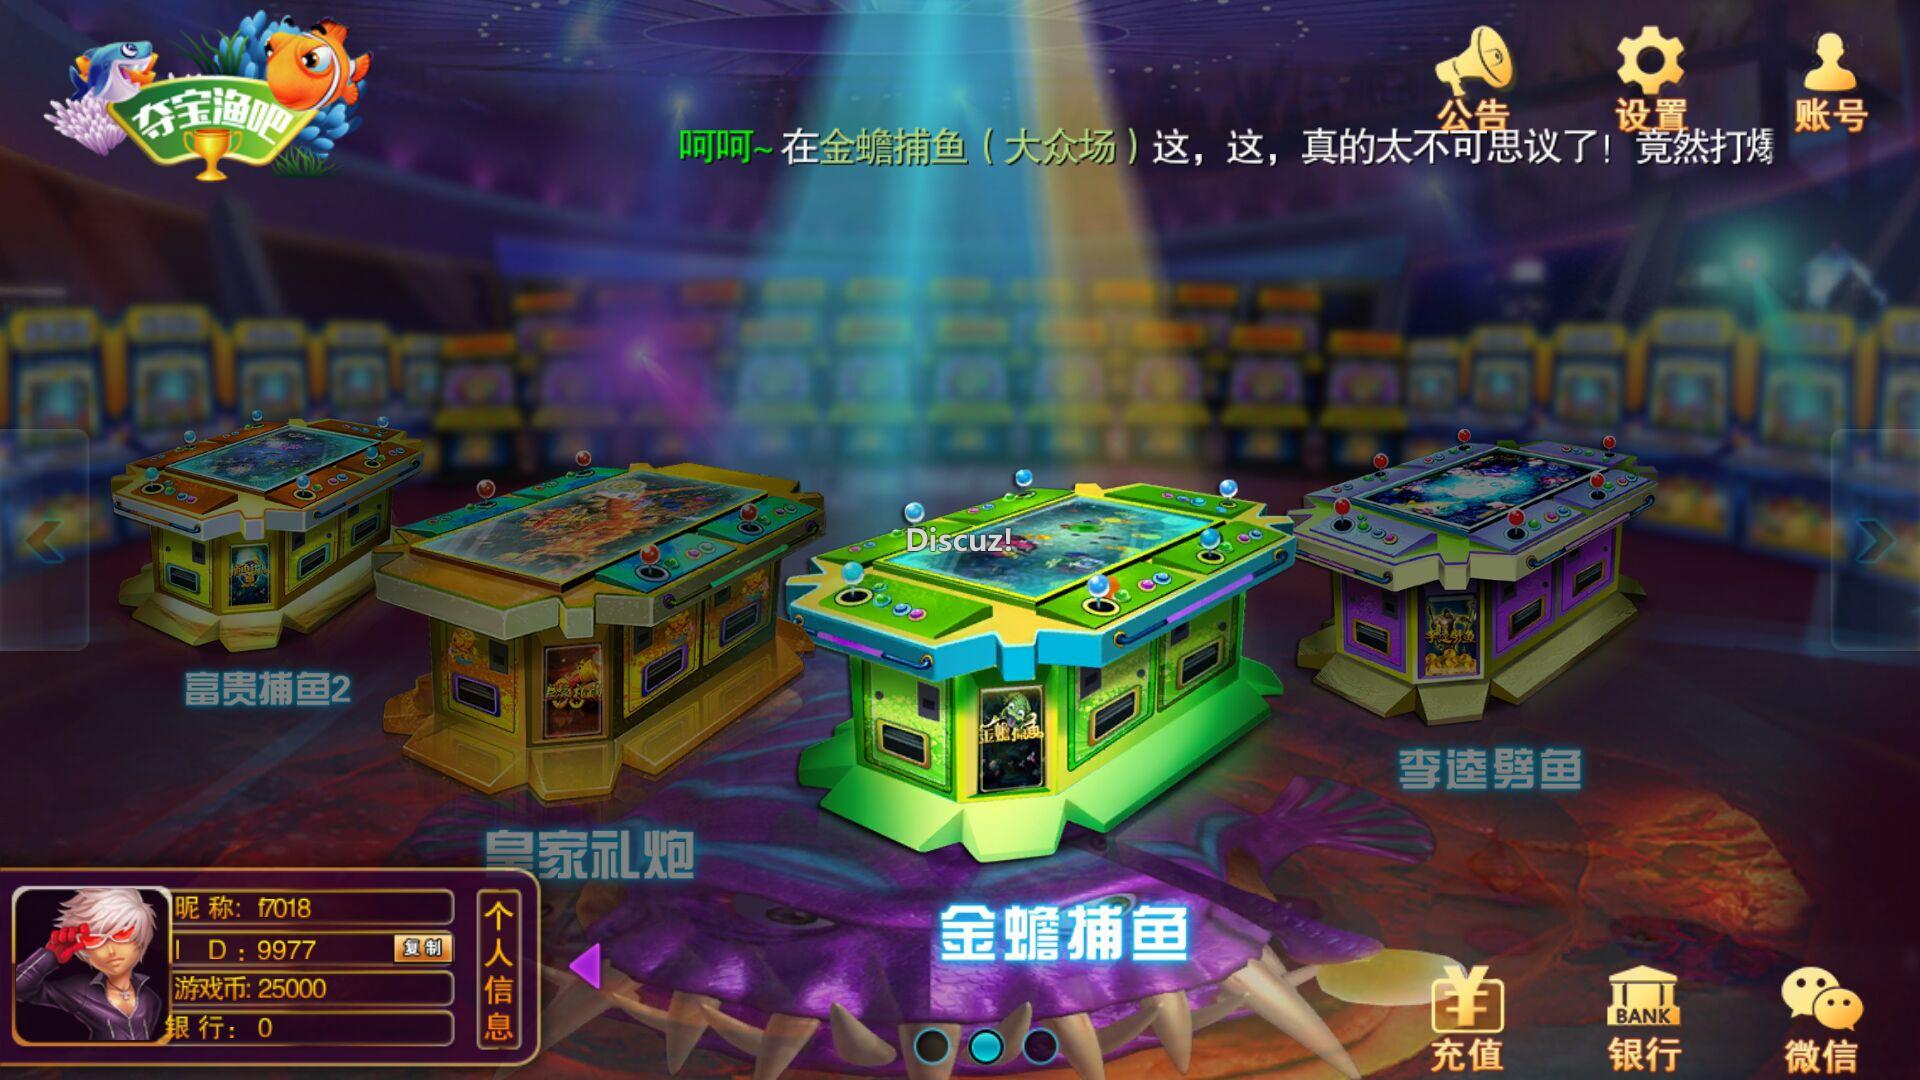 富贵电玩2最新版修复版 最新版修复版 富贵电玩2 金币电玩类 第1张